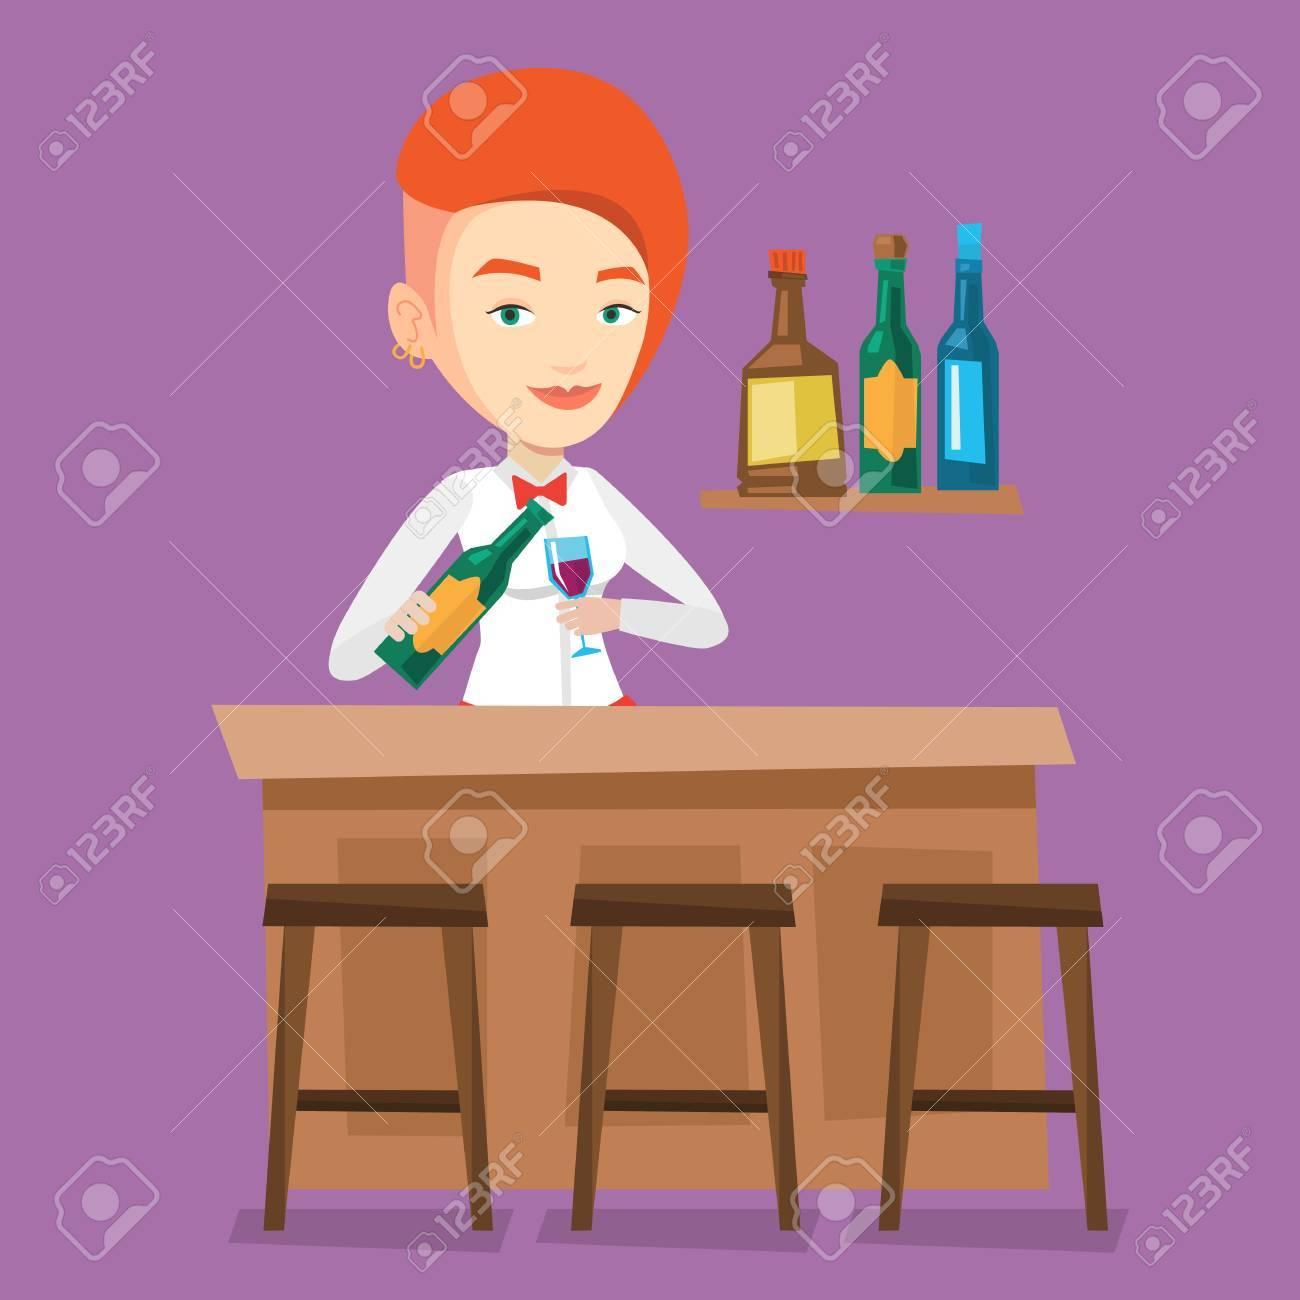 Junge Barkeeper An Der Theke Stehen. Barkeeper Mit Flasche Und Glas ...